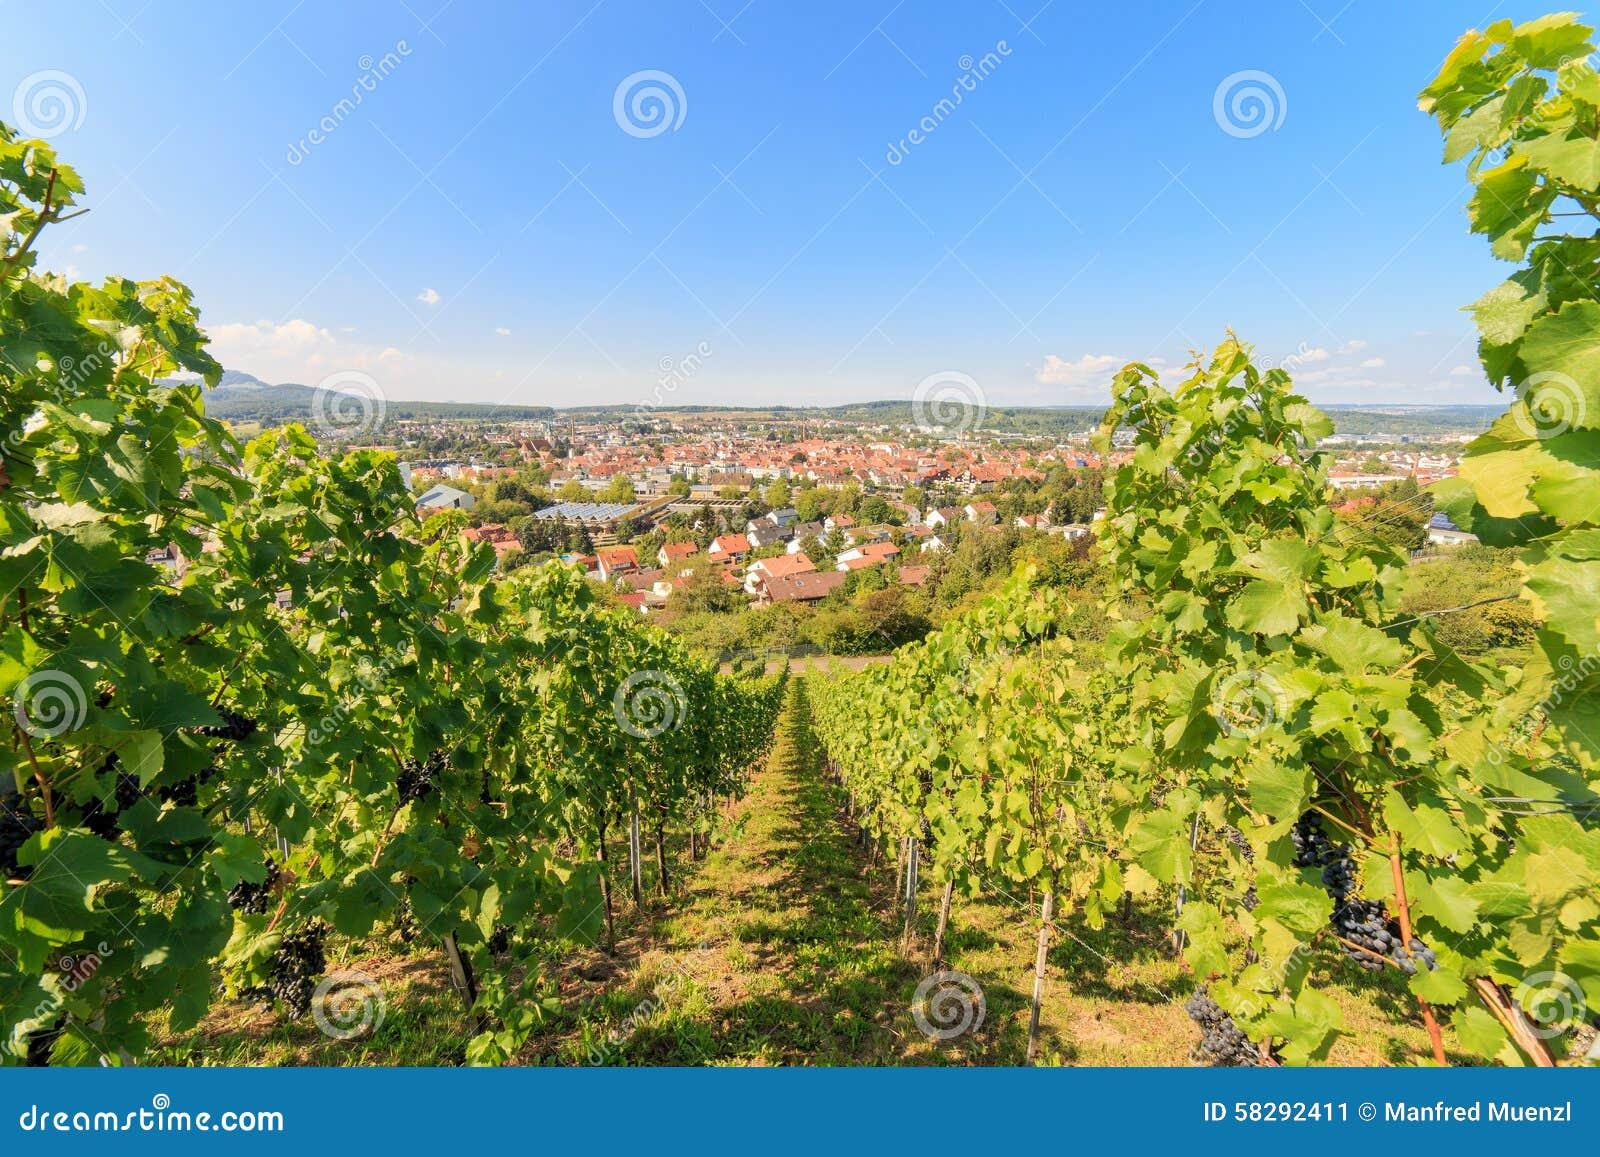 Ausgang-Einkaufsstadt Metzingen umgeben durch Weinberge